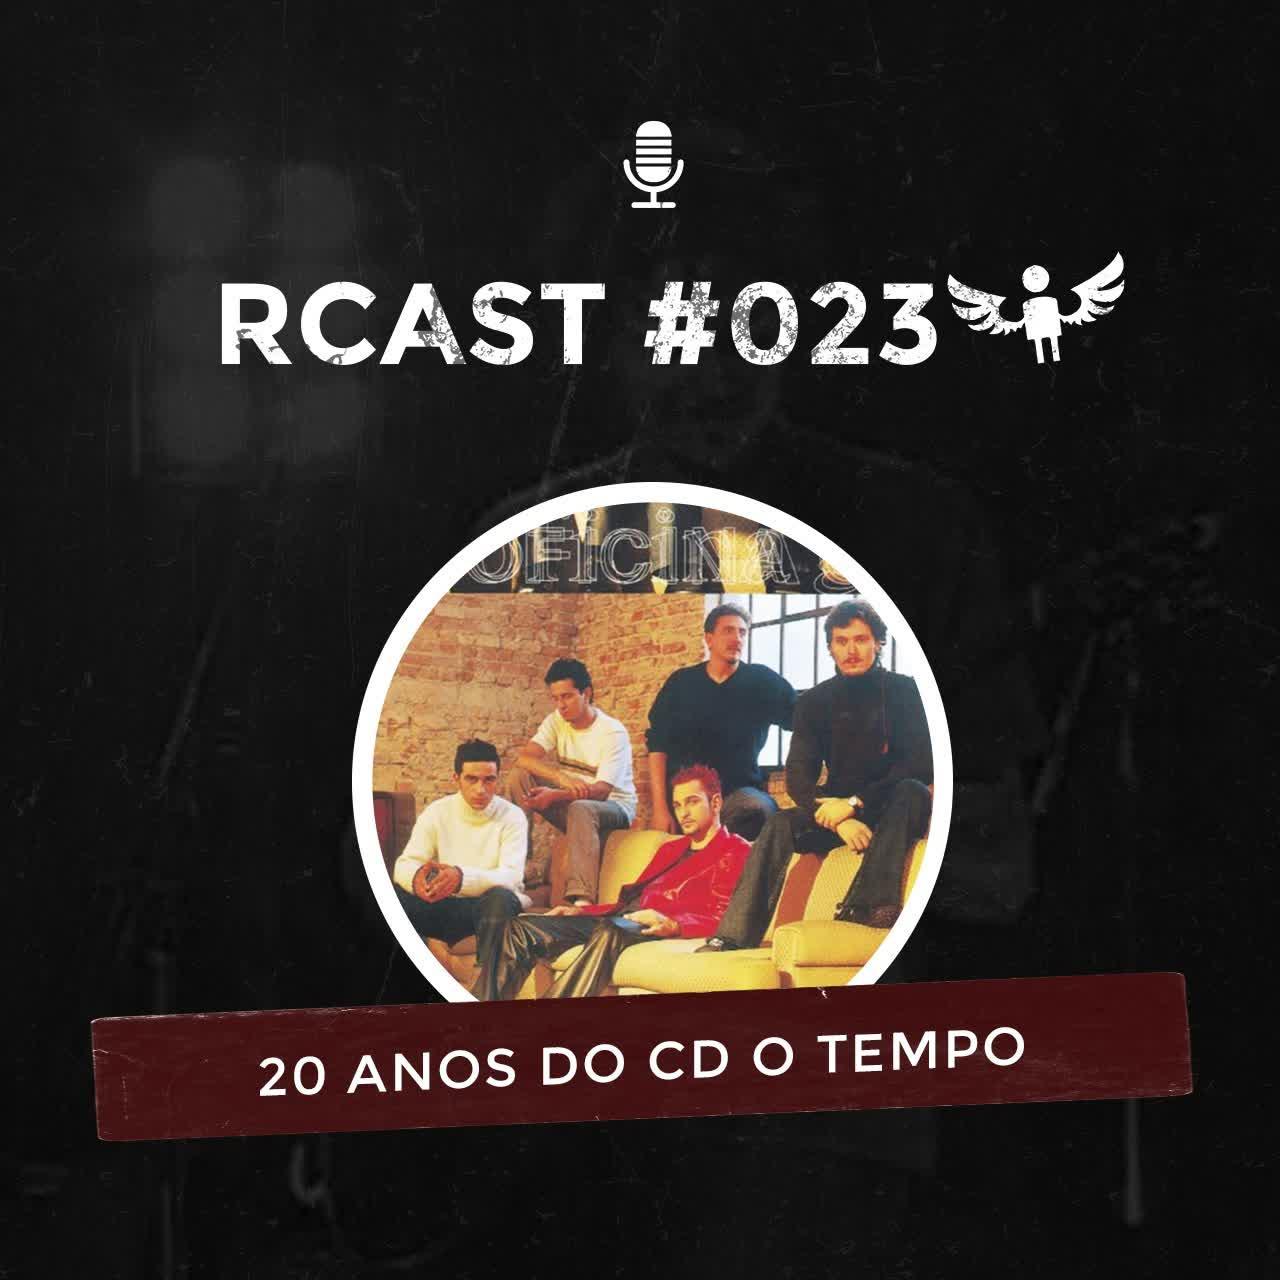 RCast #023 - O TEMPO COMPLETA 20 ANOS